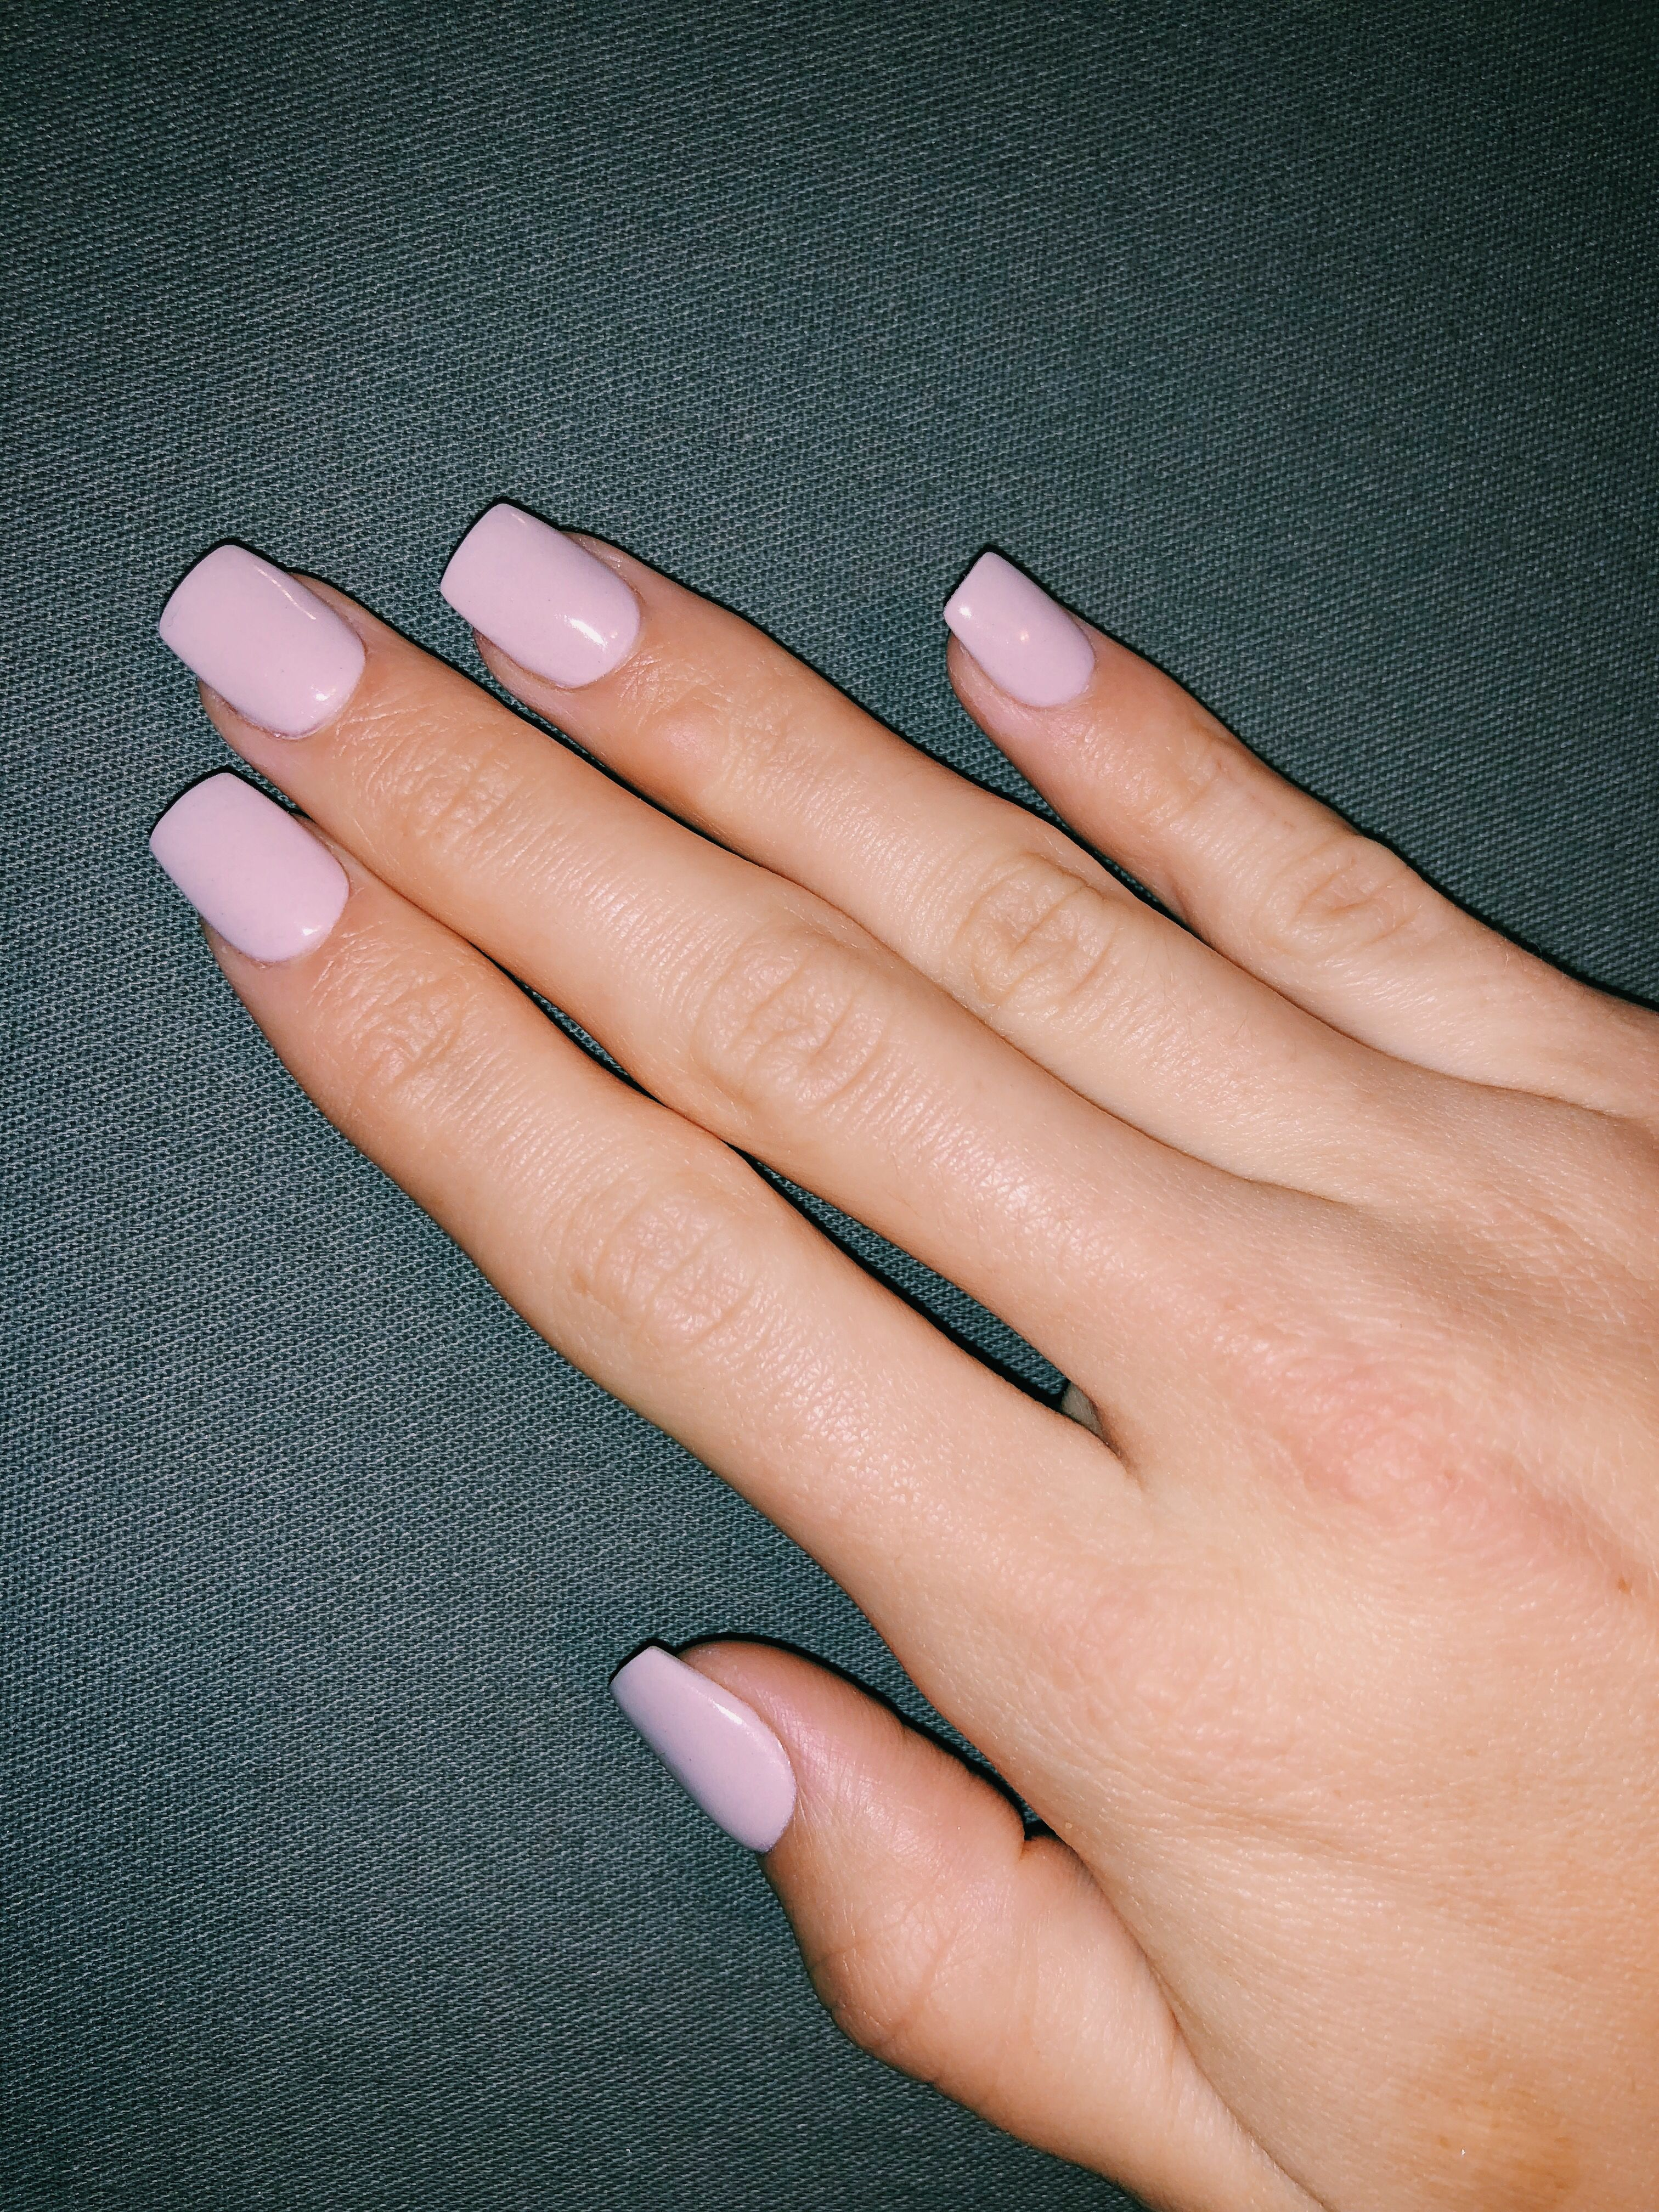 Sns 65 Gel Nails Fake Nails Short Acrylic Nails